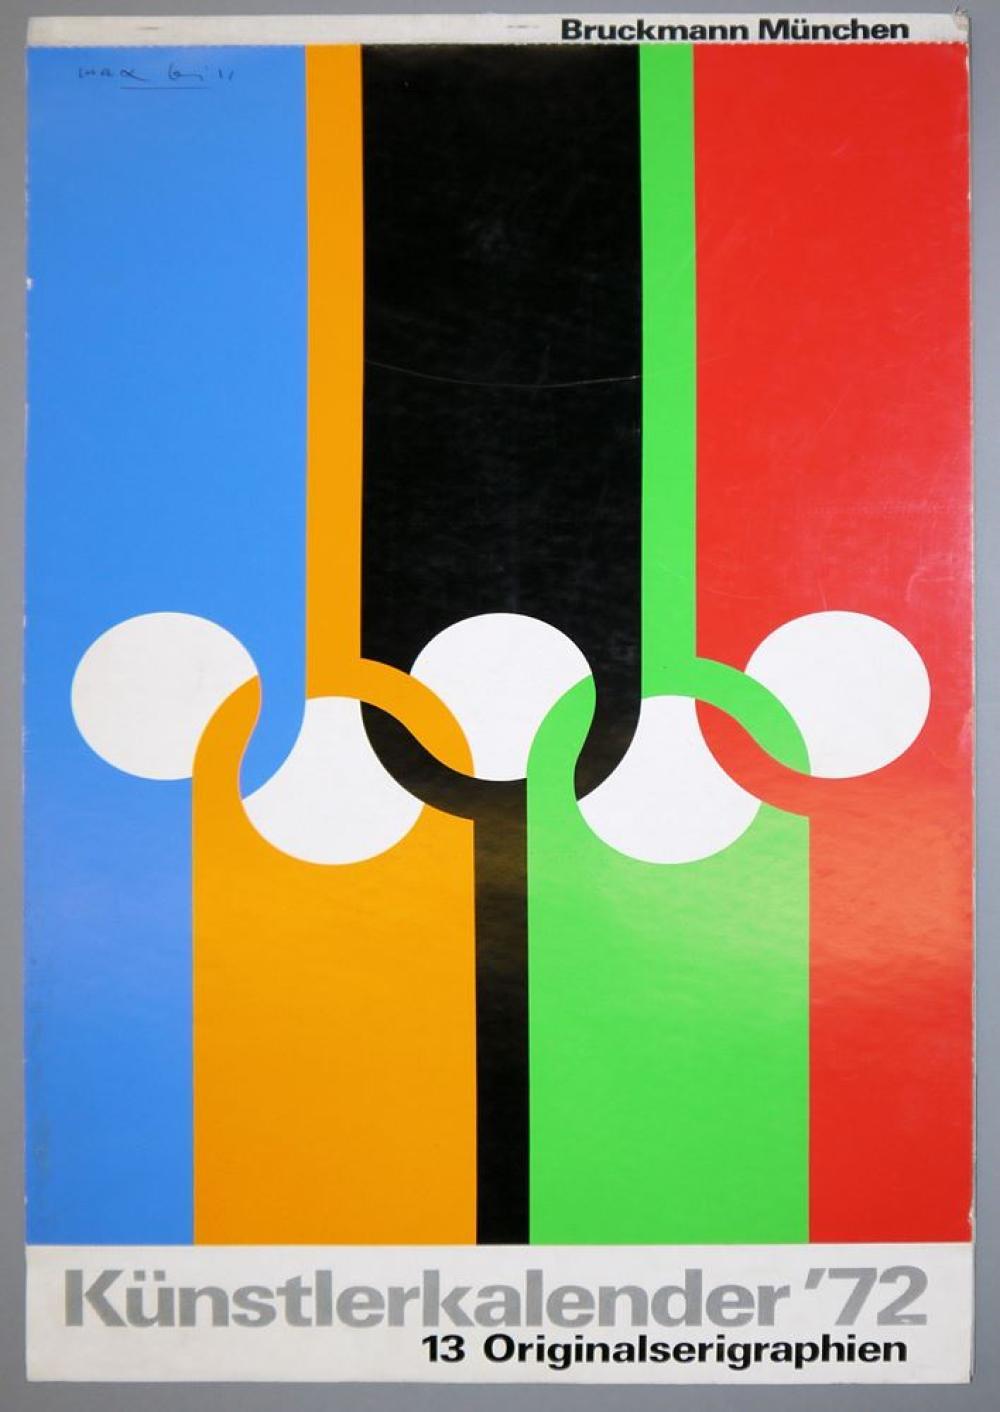 Künstlerkalender '72 (1972) mit 13 Originalserigraphien Für Selbstbesichtiger!